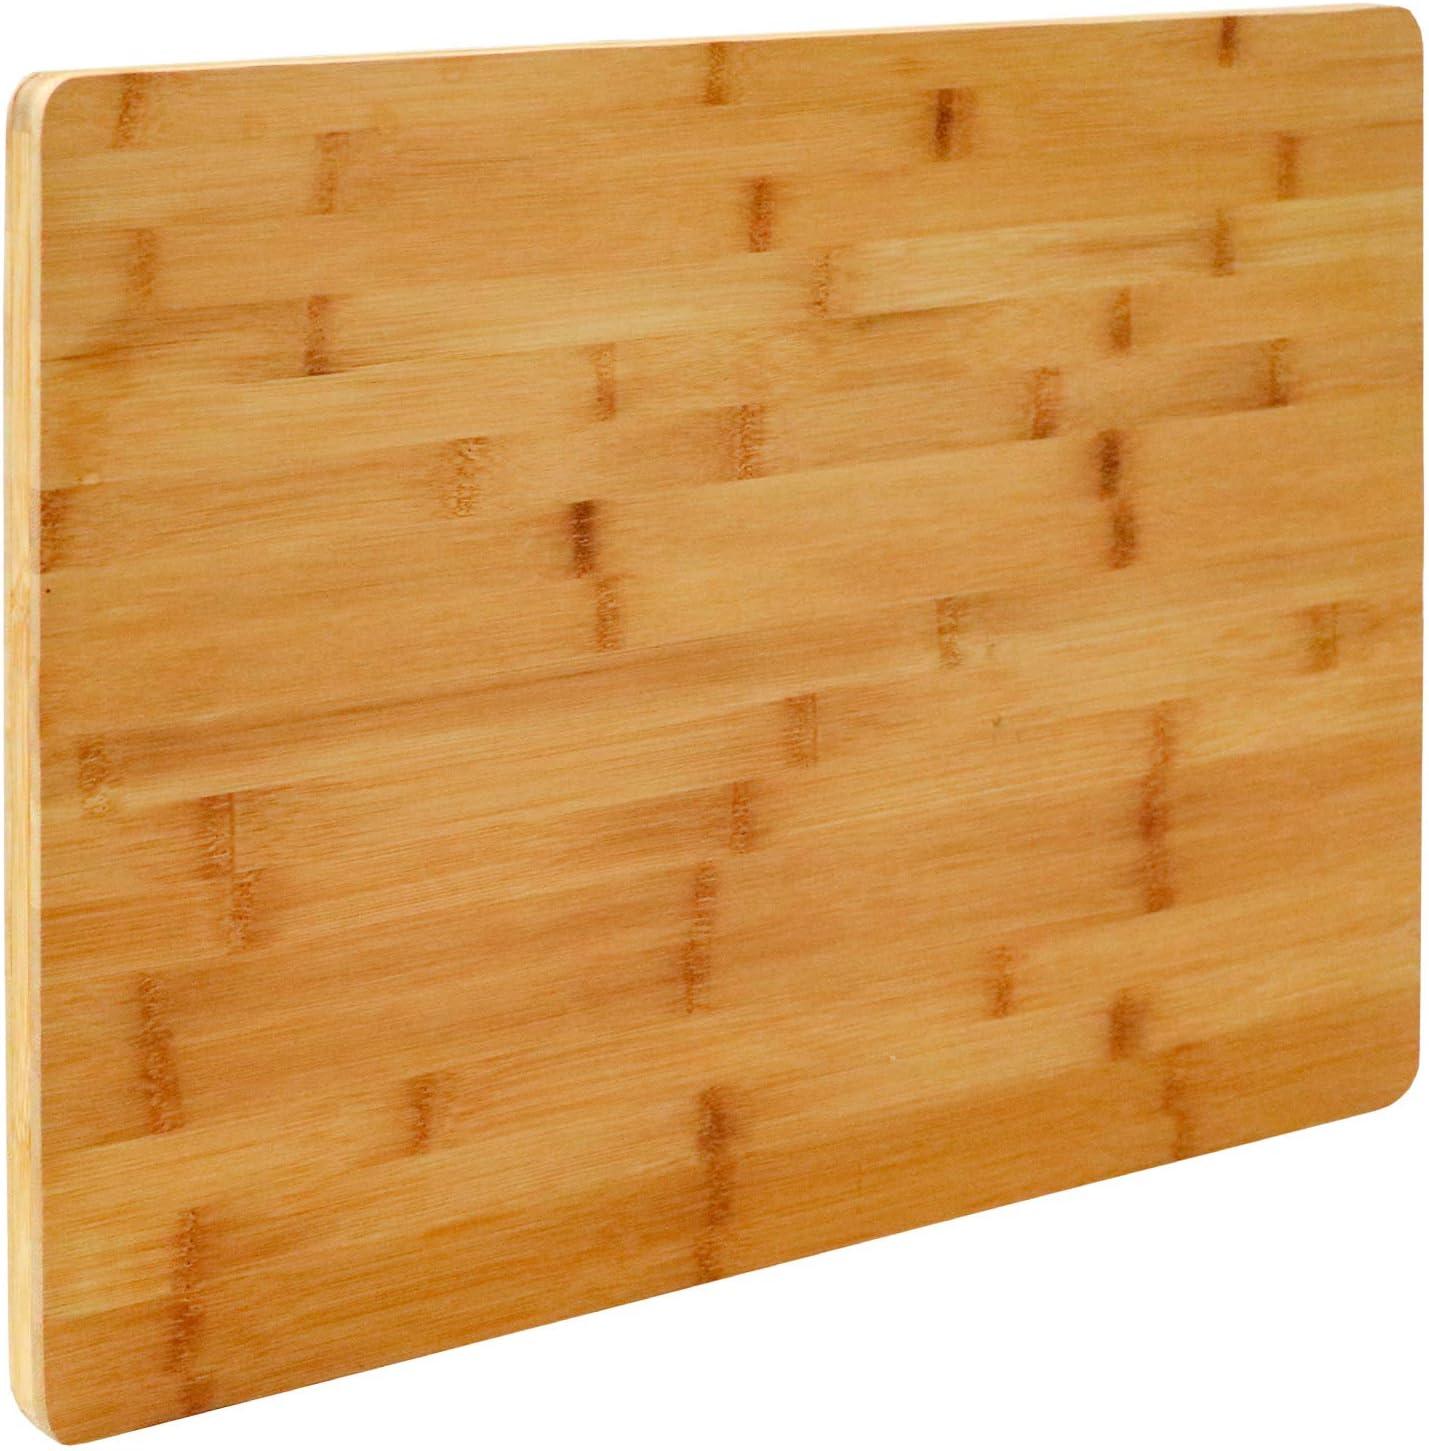 2m Birke Multiplex Sperrholz Brett L/änge 1220 mm 150mm Holz Bretter 12mm Siebdruck Brett-Zuschnitte beschichtet L/ängen 1m